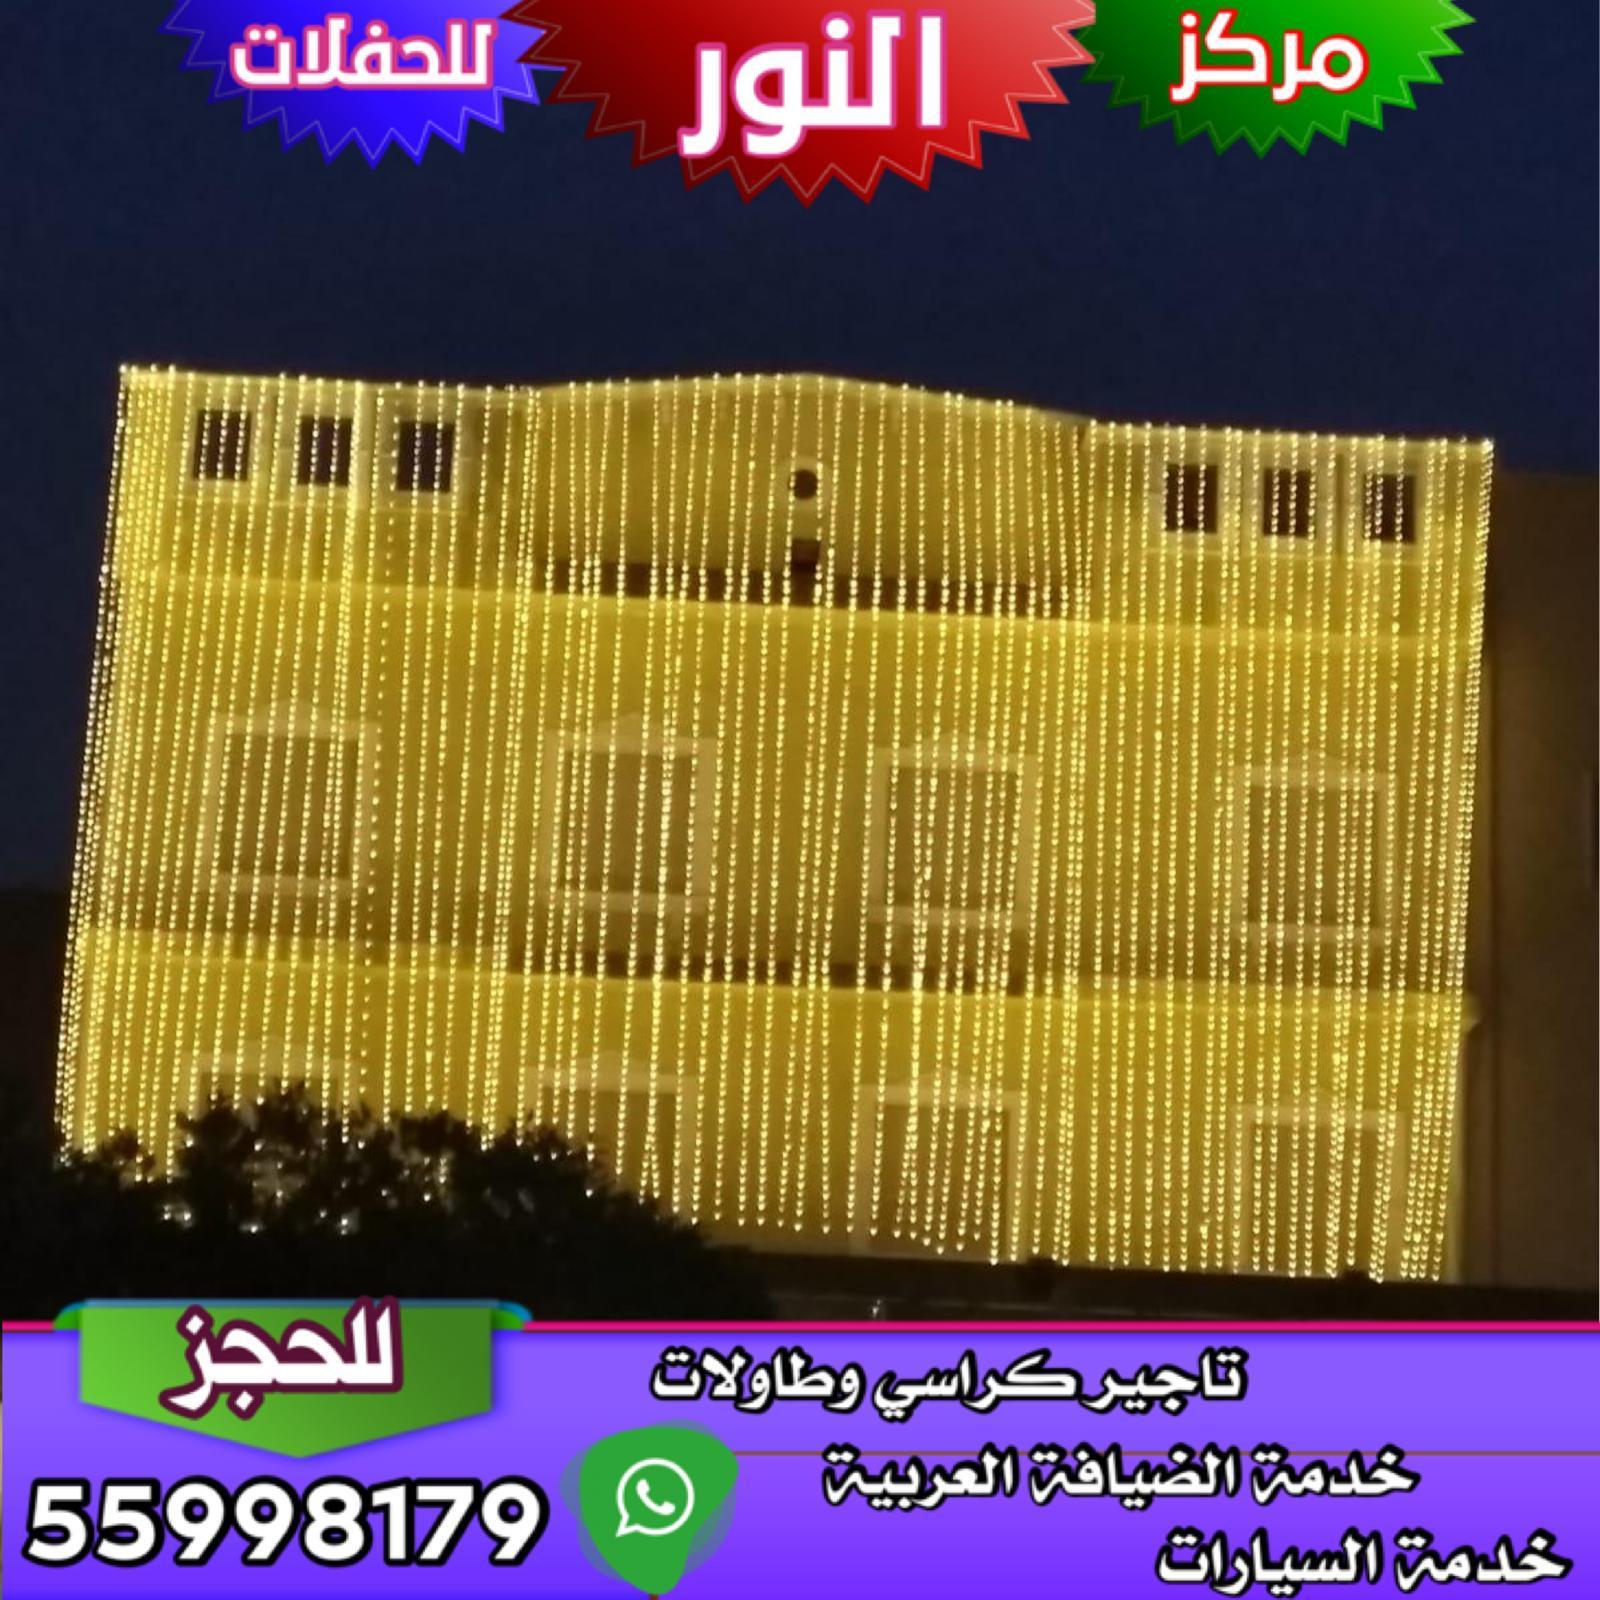 تاجير ليتات زينه الكويت